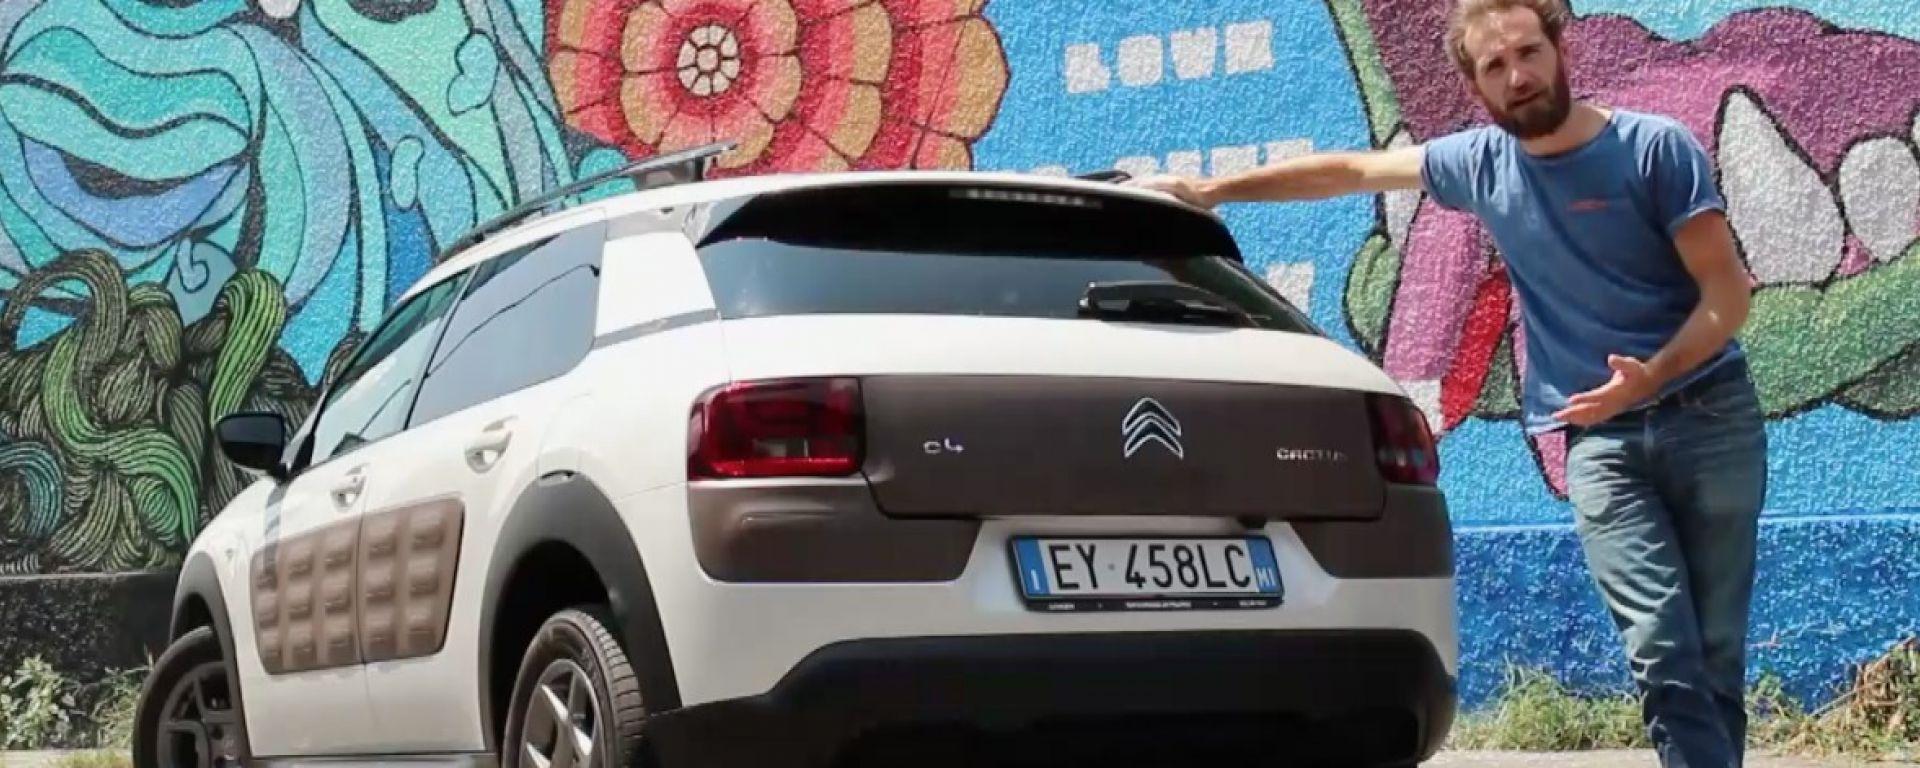 5 domande su... Citroën C4 Cactus